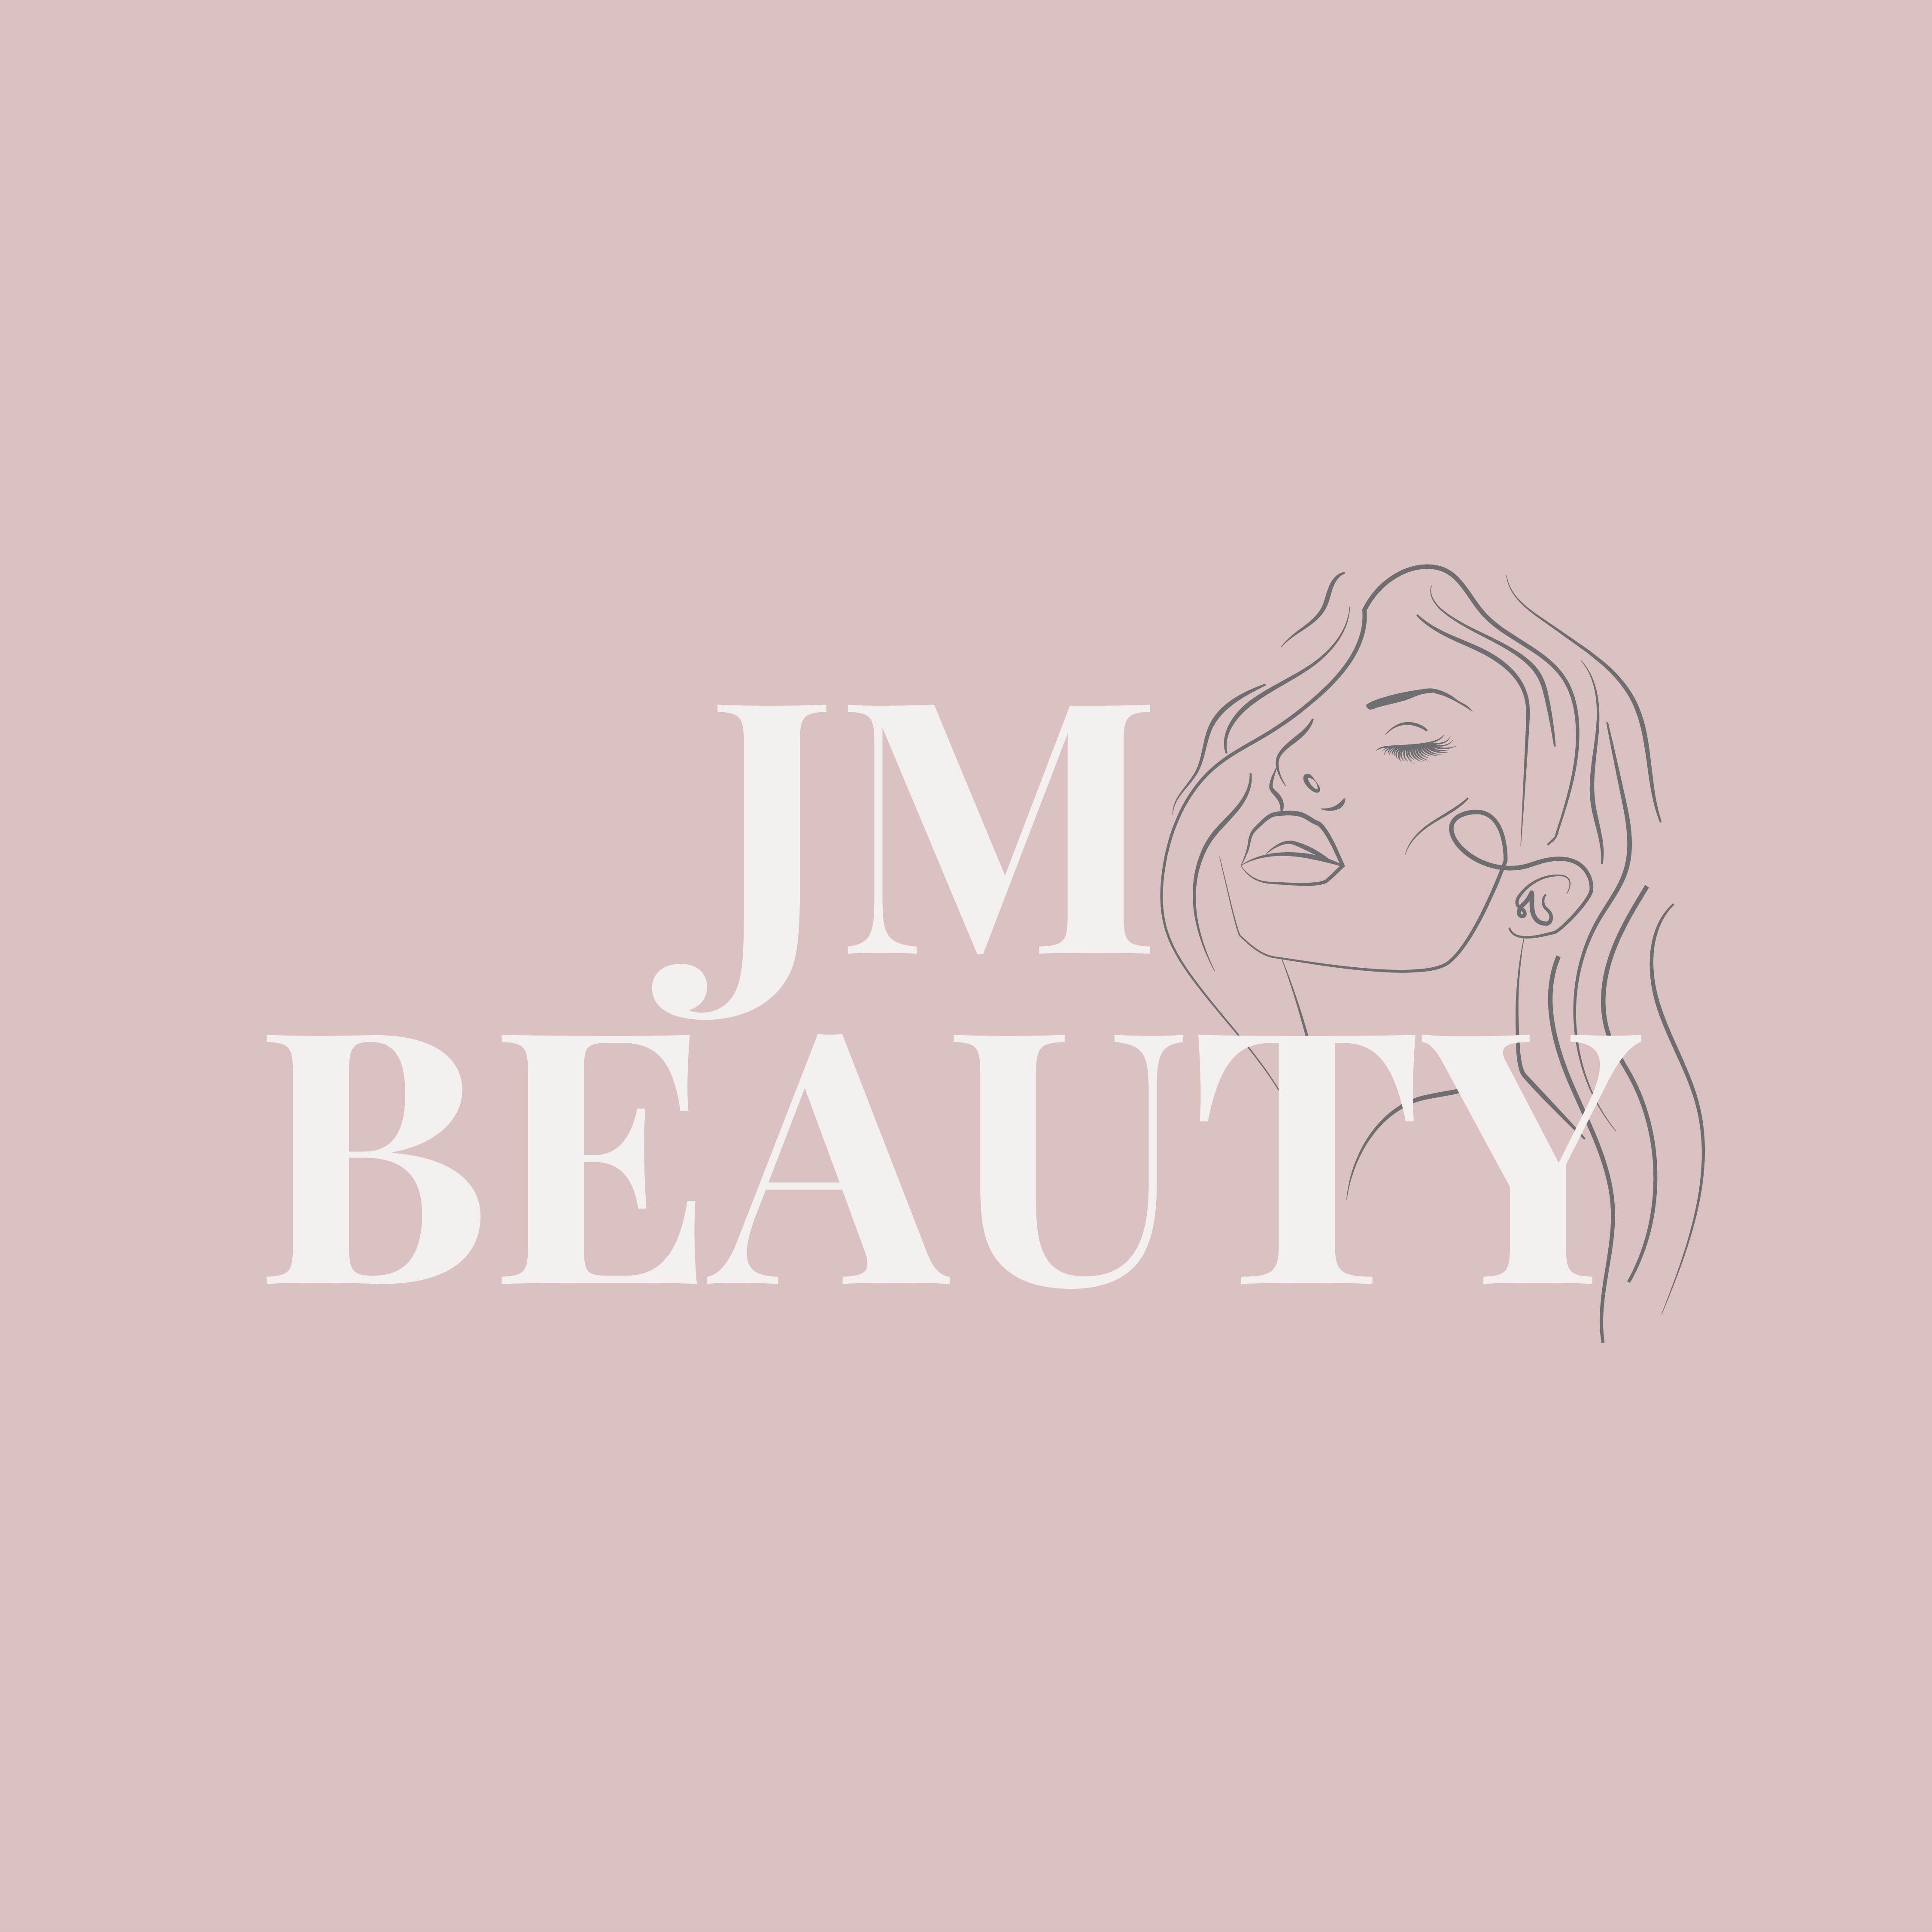 JMbeauty